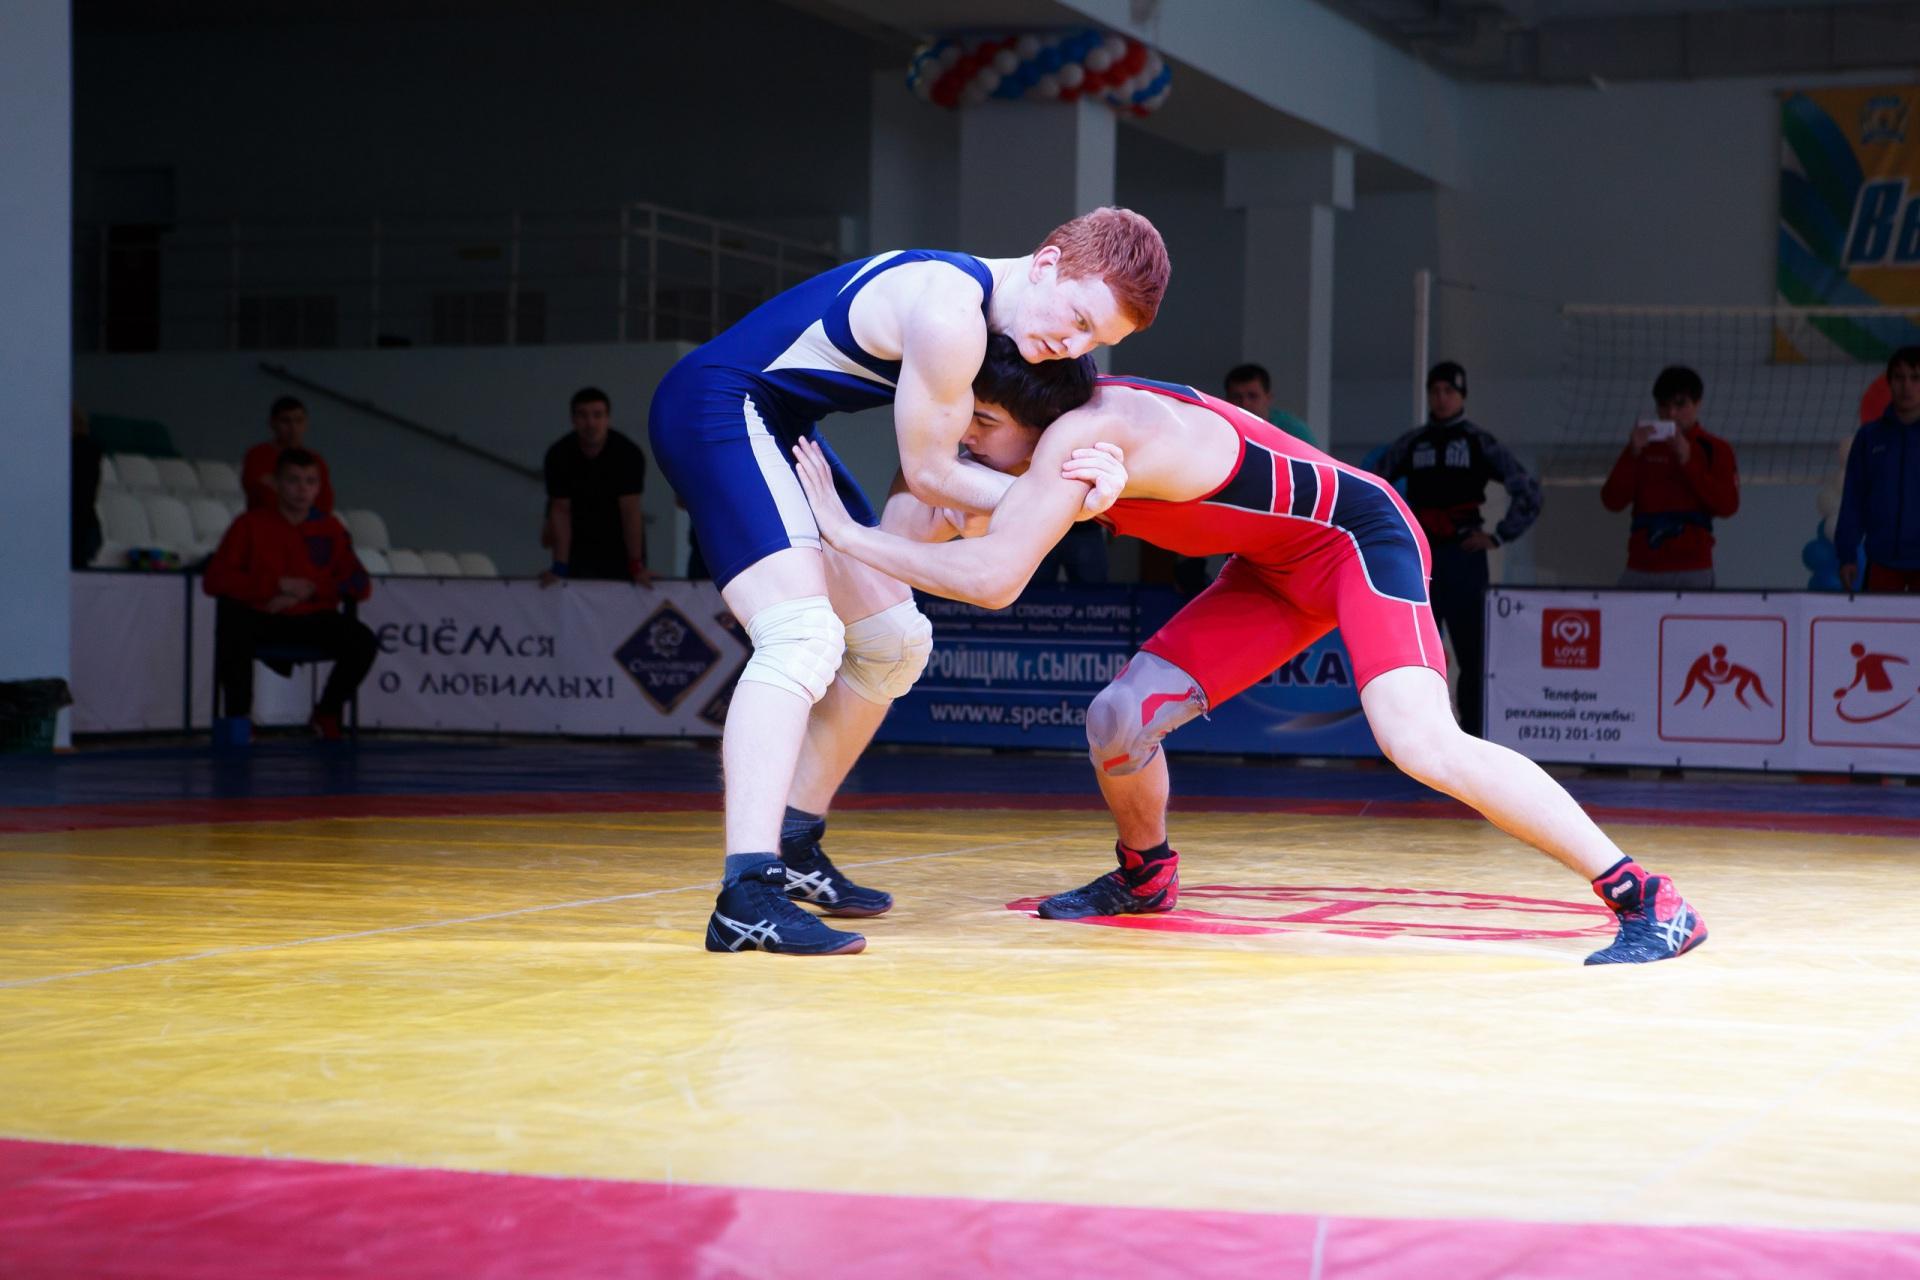 Спортсмены из разных регионов сразились в Сыктывкаре за медали соревнований по вольной борьбе памяти Паршукова